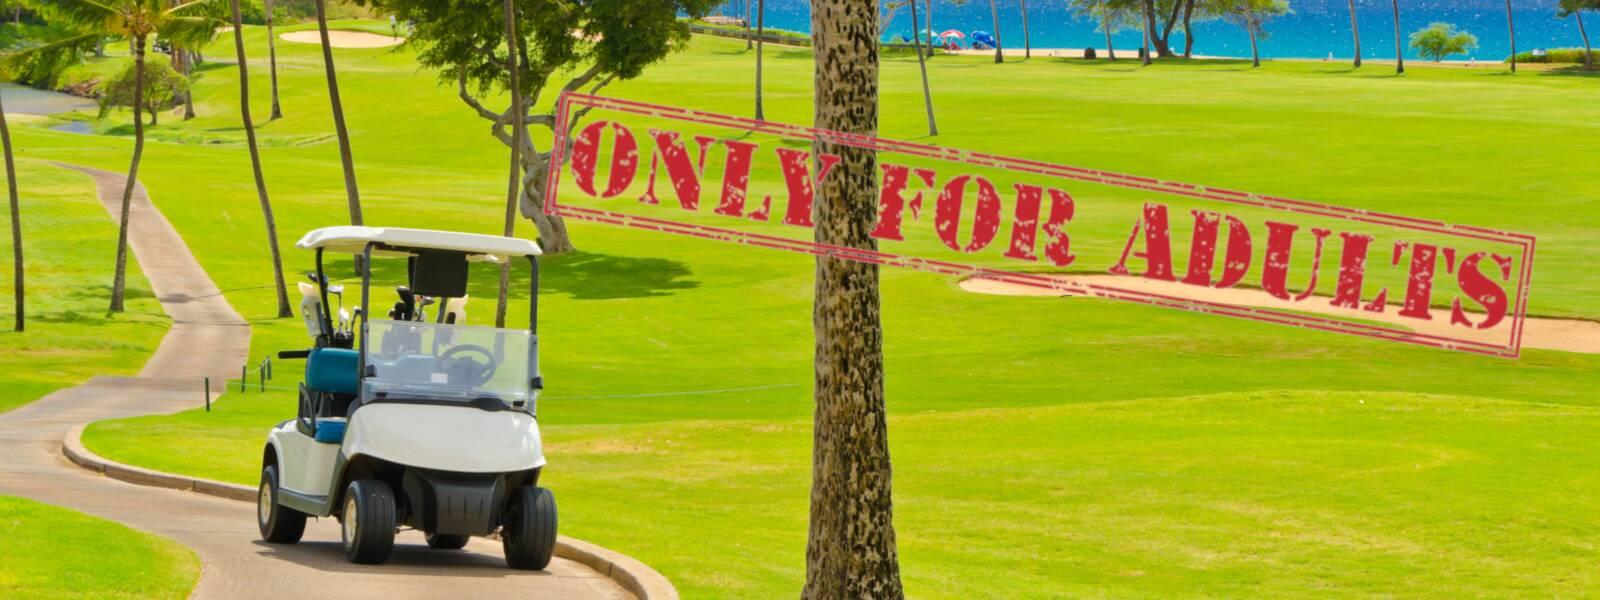 Spannend golfen, entspannend wohnen: Golfreisen für Erwachsene